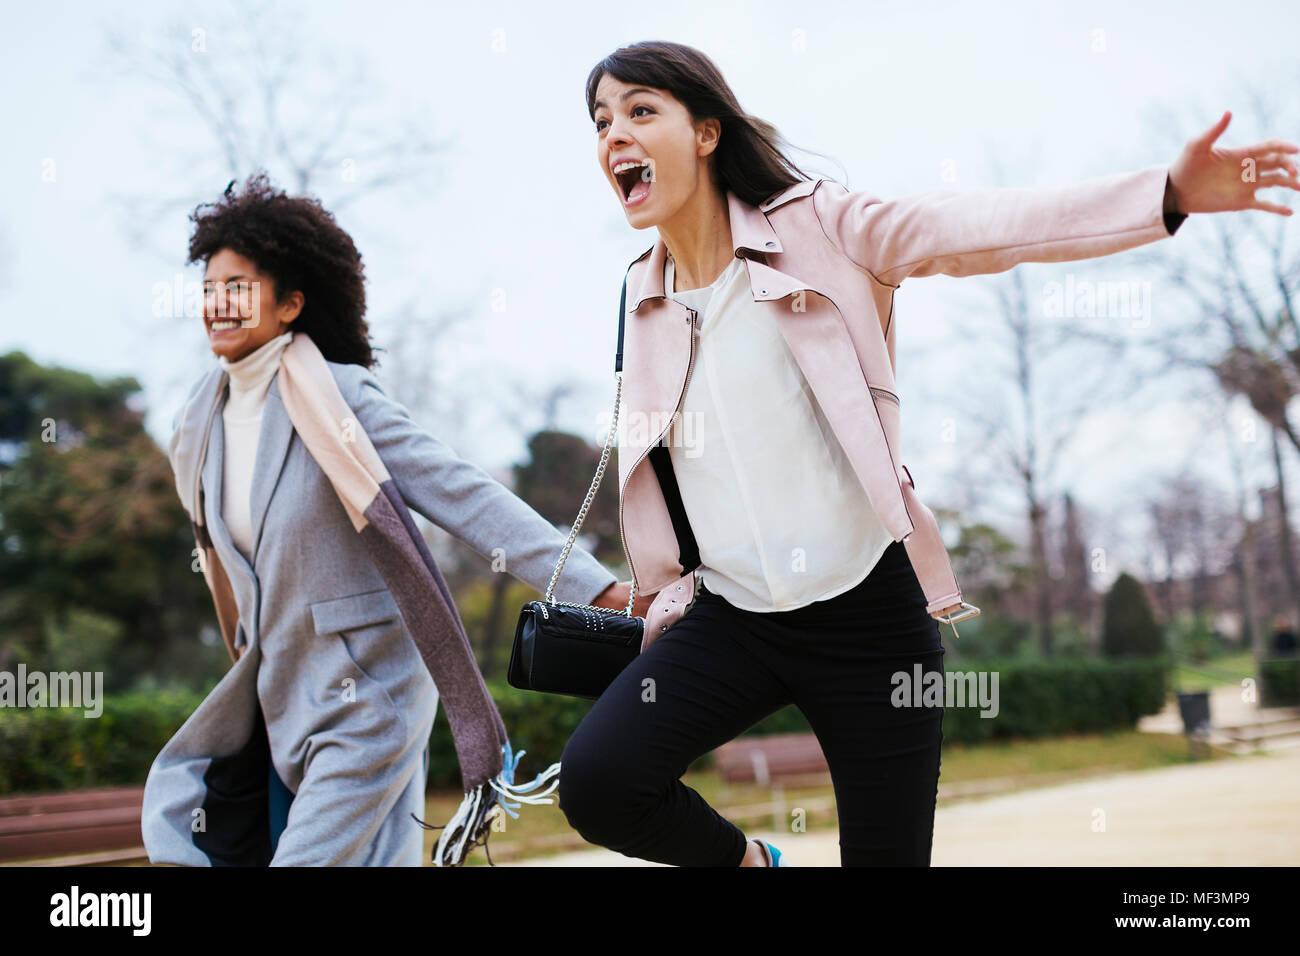 Spanien, Barcelona, zwei üppige Frauen im City Park läuft Stockbild